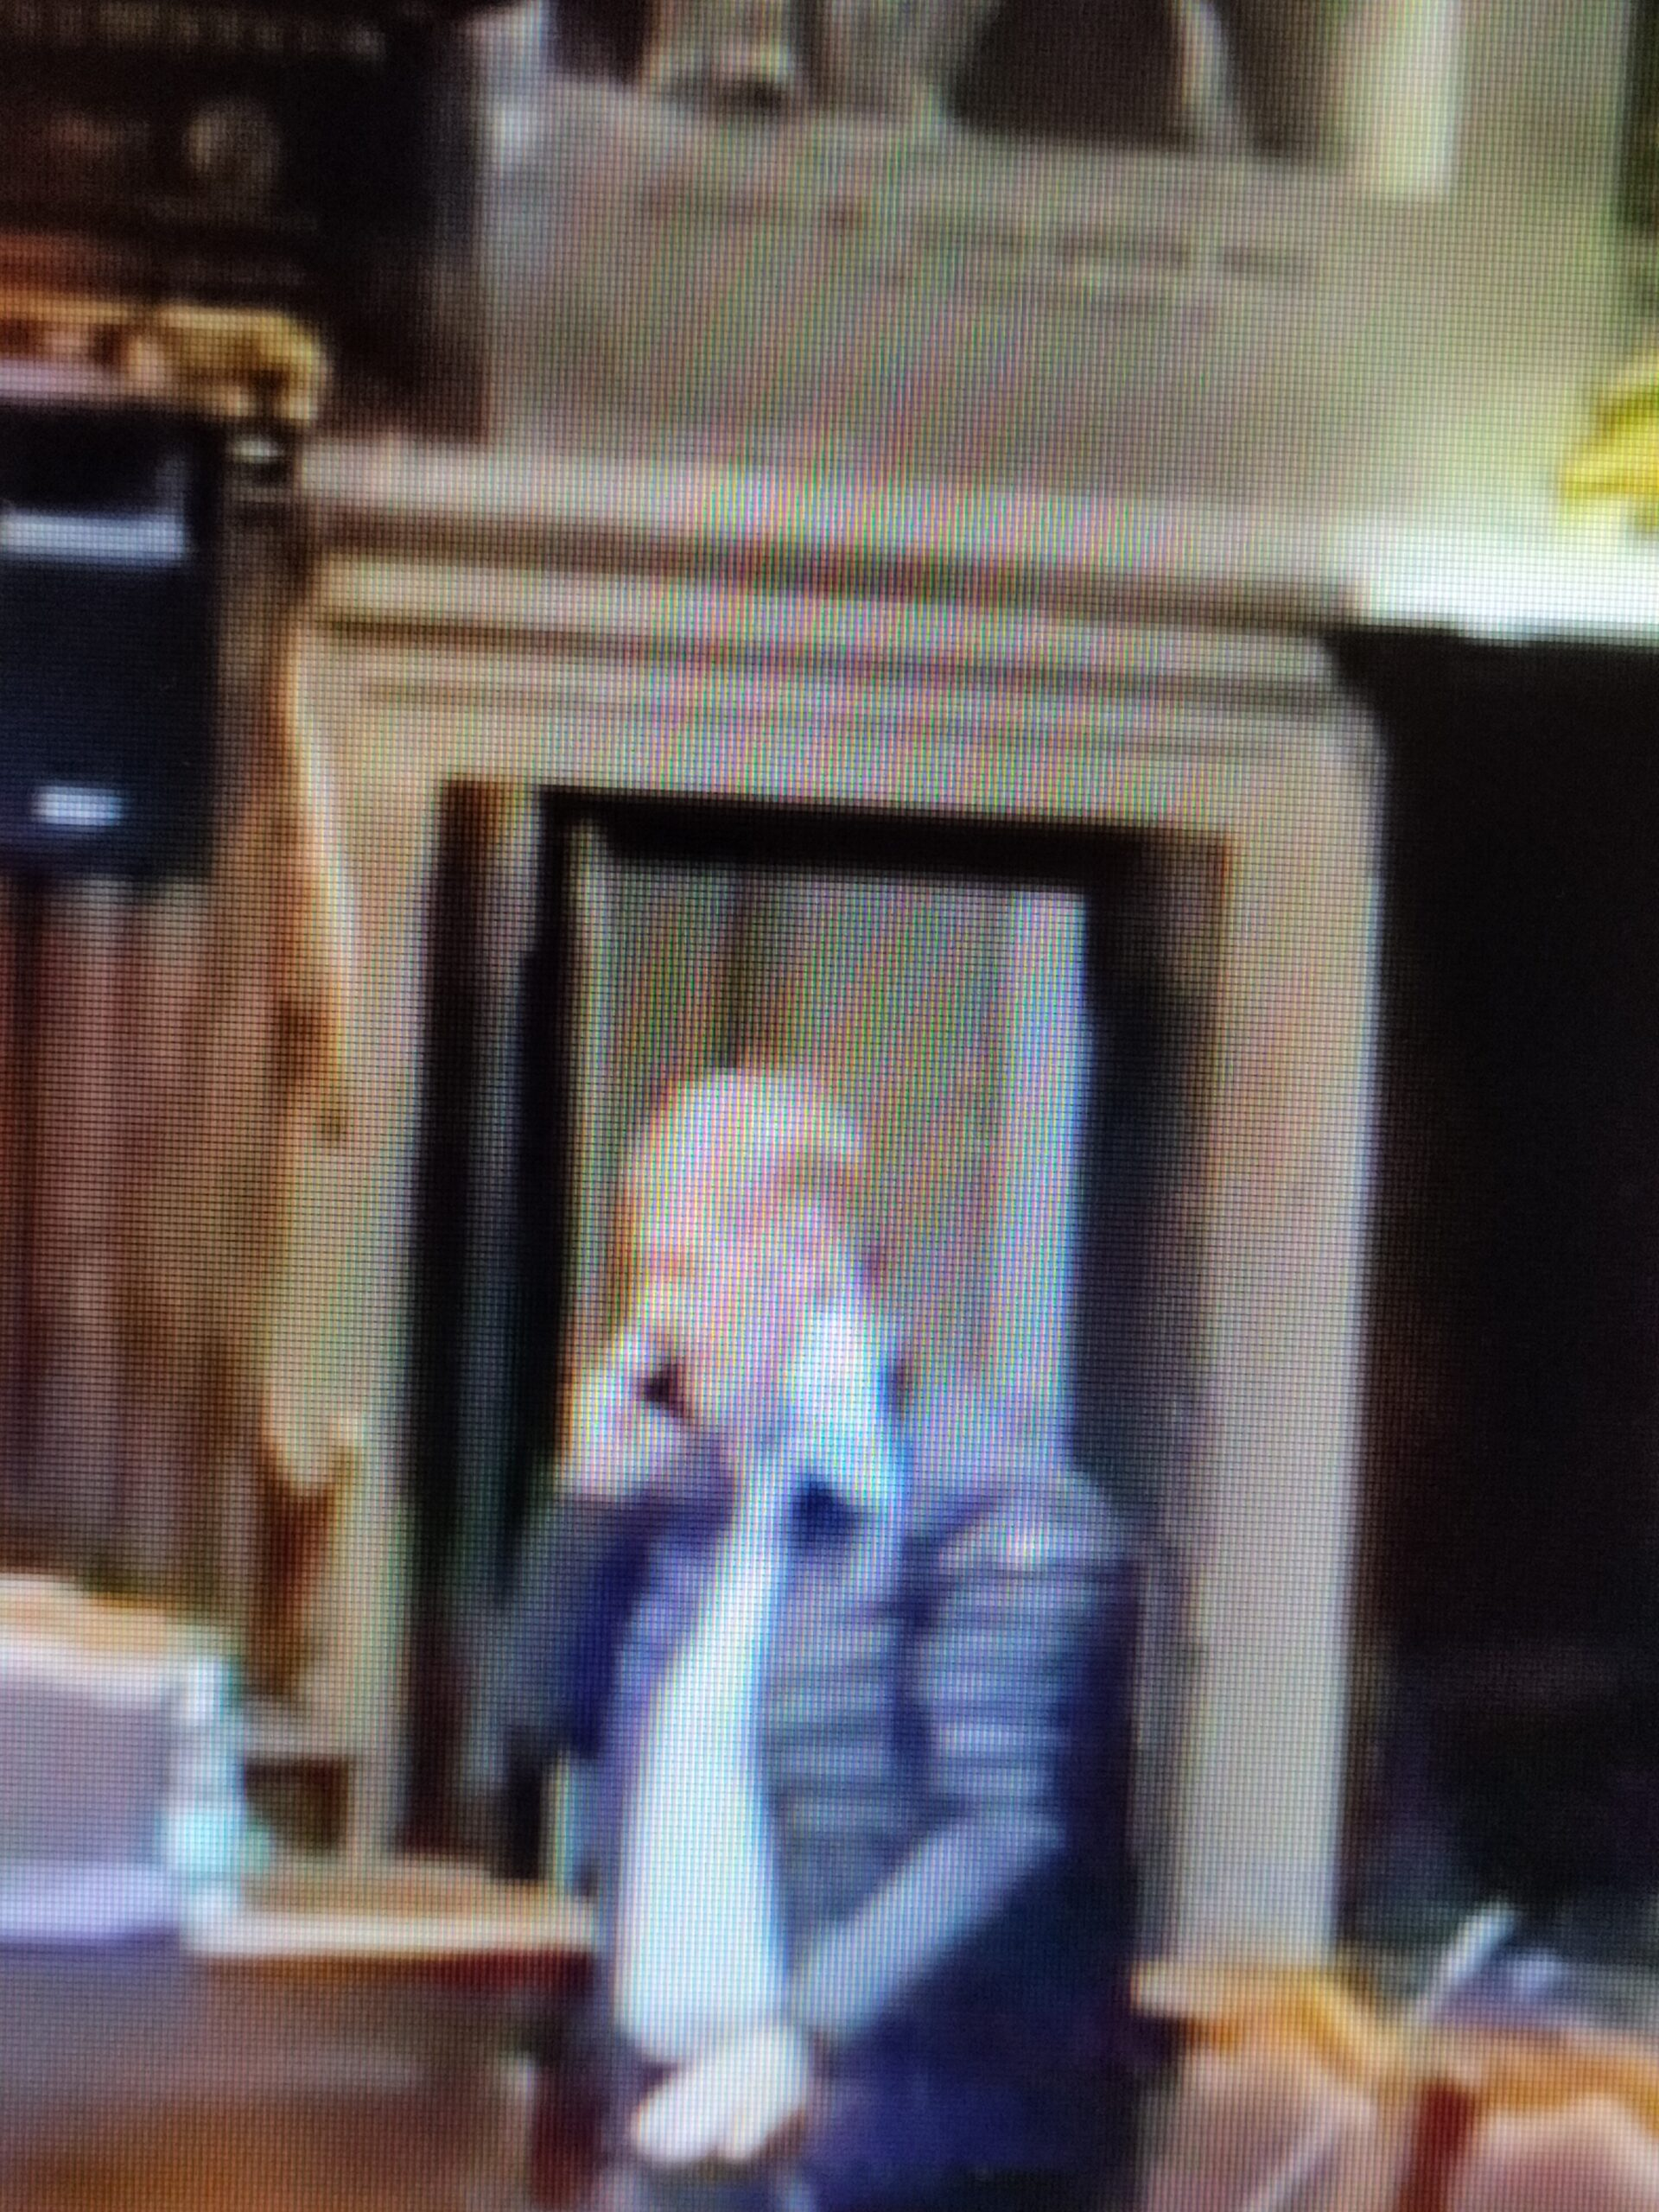 Viterbo, Comune, l'assessore Ubertini gira e parla per la sala del consiglio a mascherina abbassata, per il cdx il covid non è un'emergenza